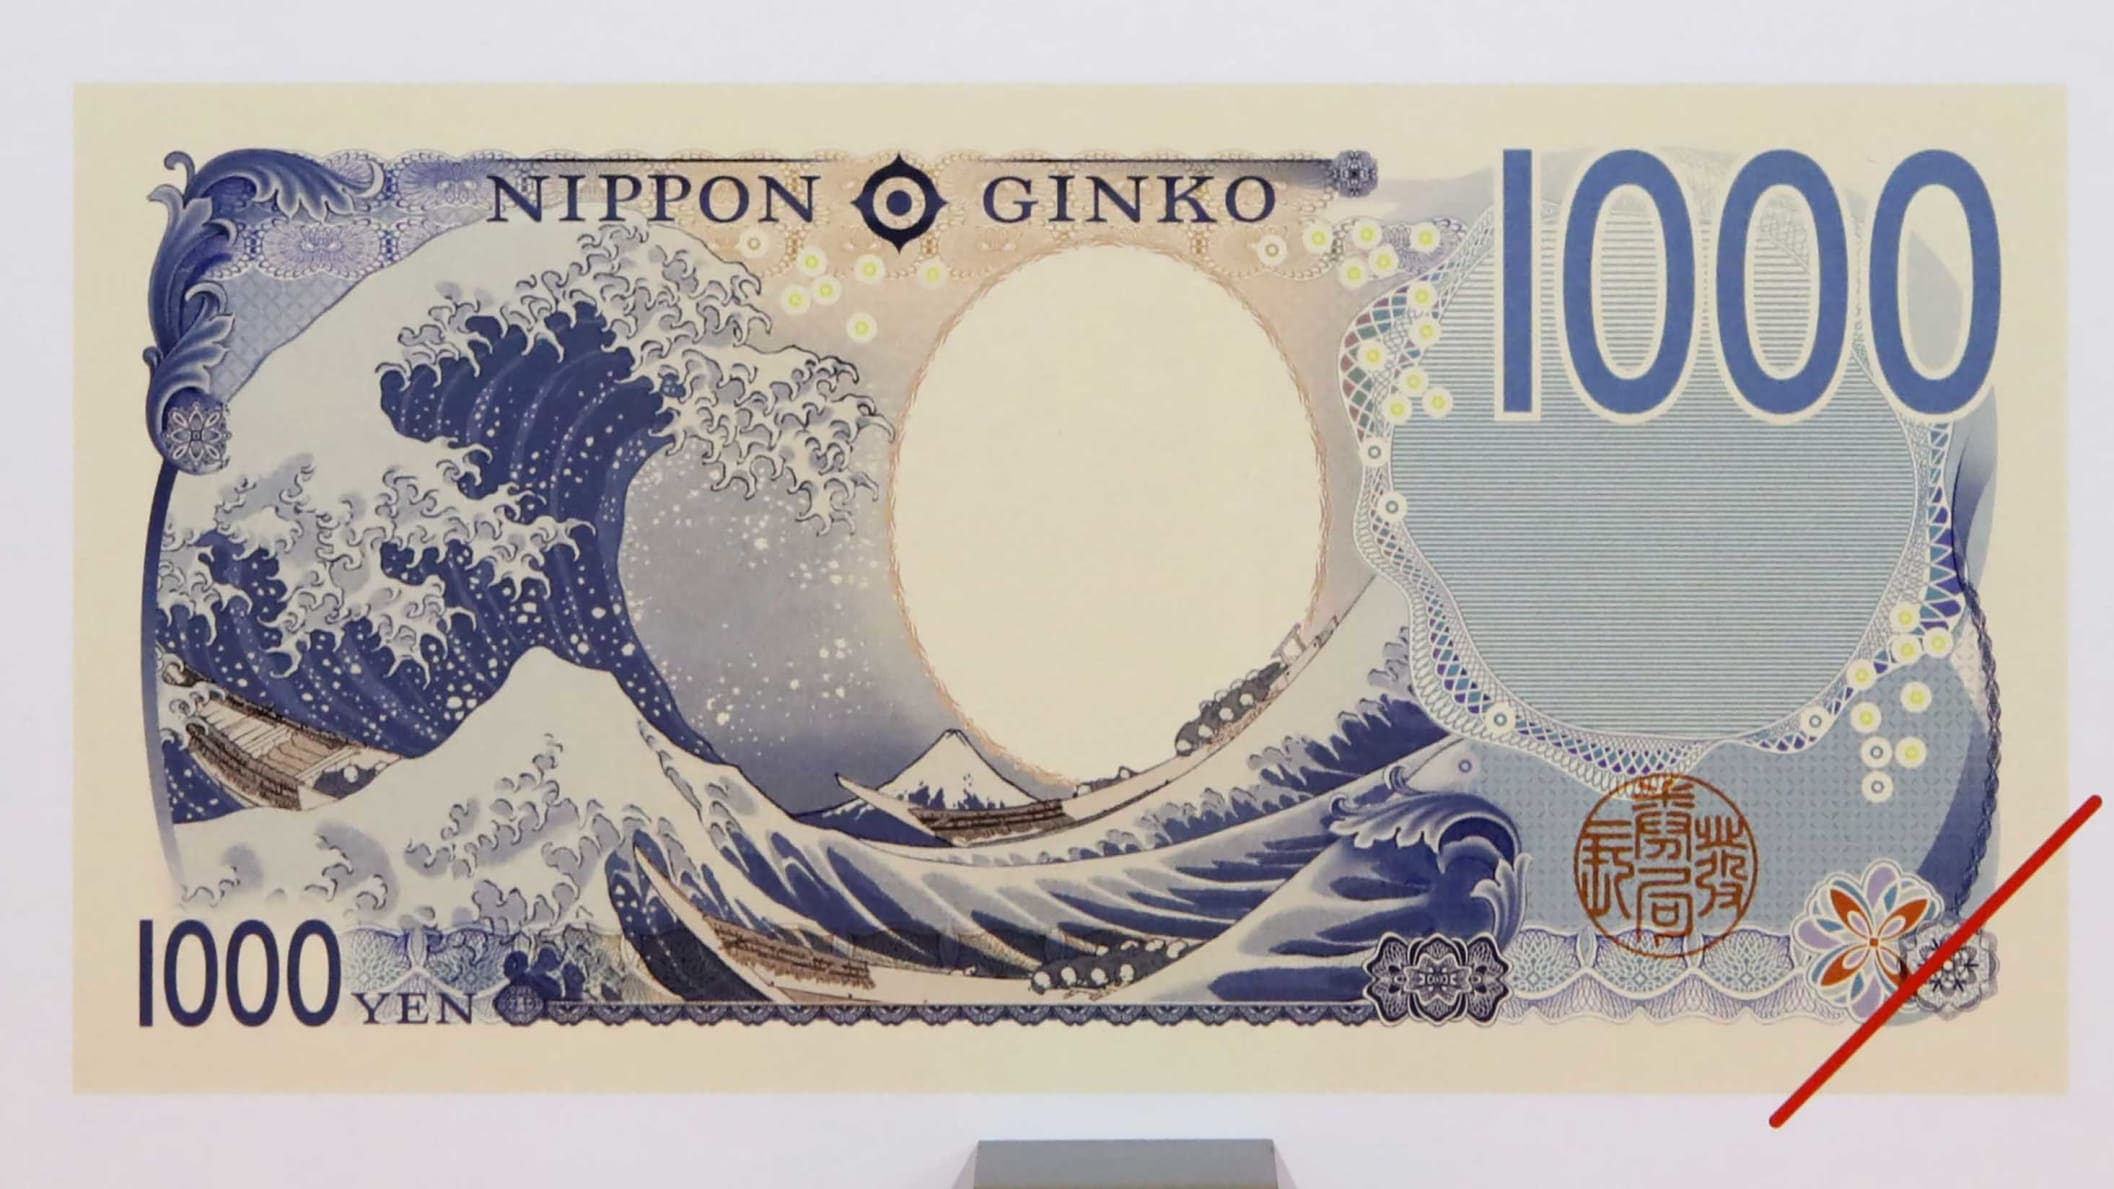 日本要换纸钞了 令和新钞要来了